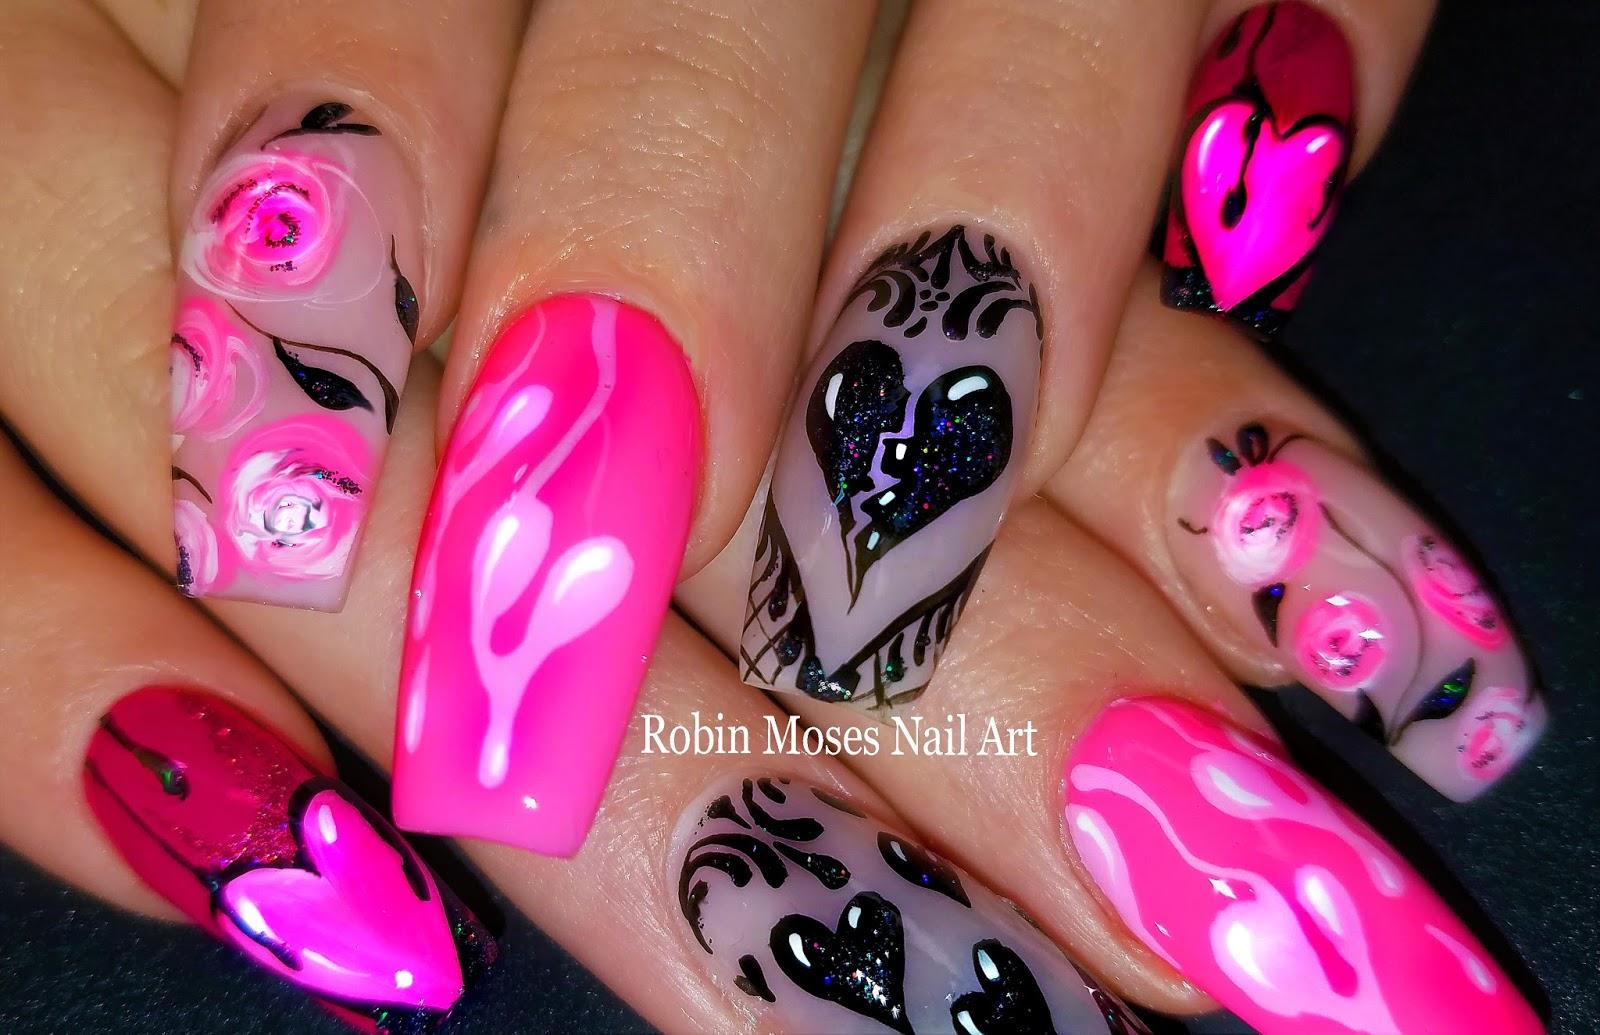 Robin Moses Nail Art New Valentines Day 2018 Nails Makeup Pink Black Blog Http Robinmosesnailartblogspotcom Nailart Valentinesdaynails Nails2018 Valentinesday2018 Valentinesdaynails2018